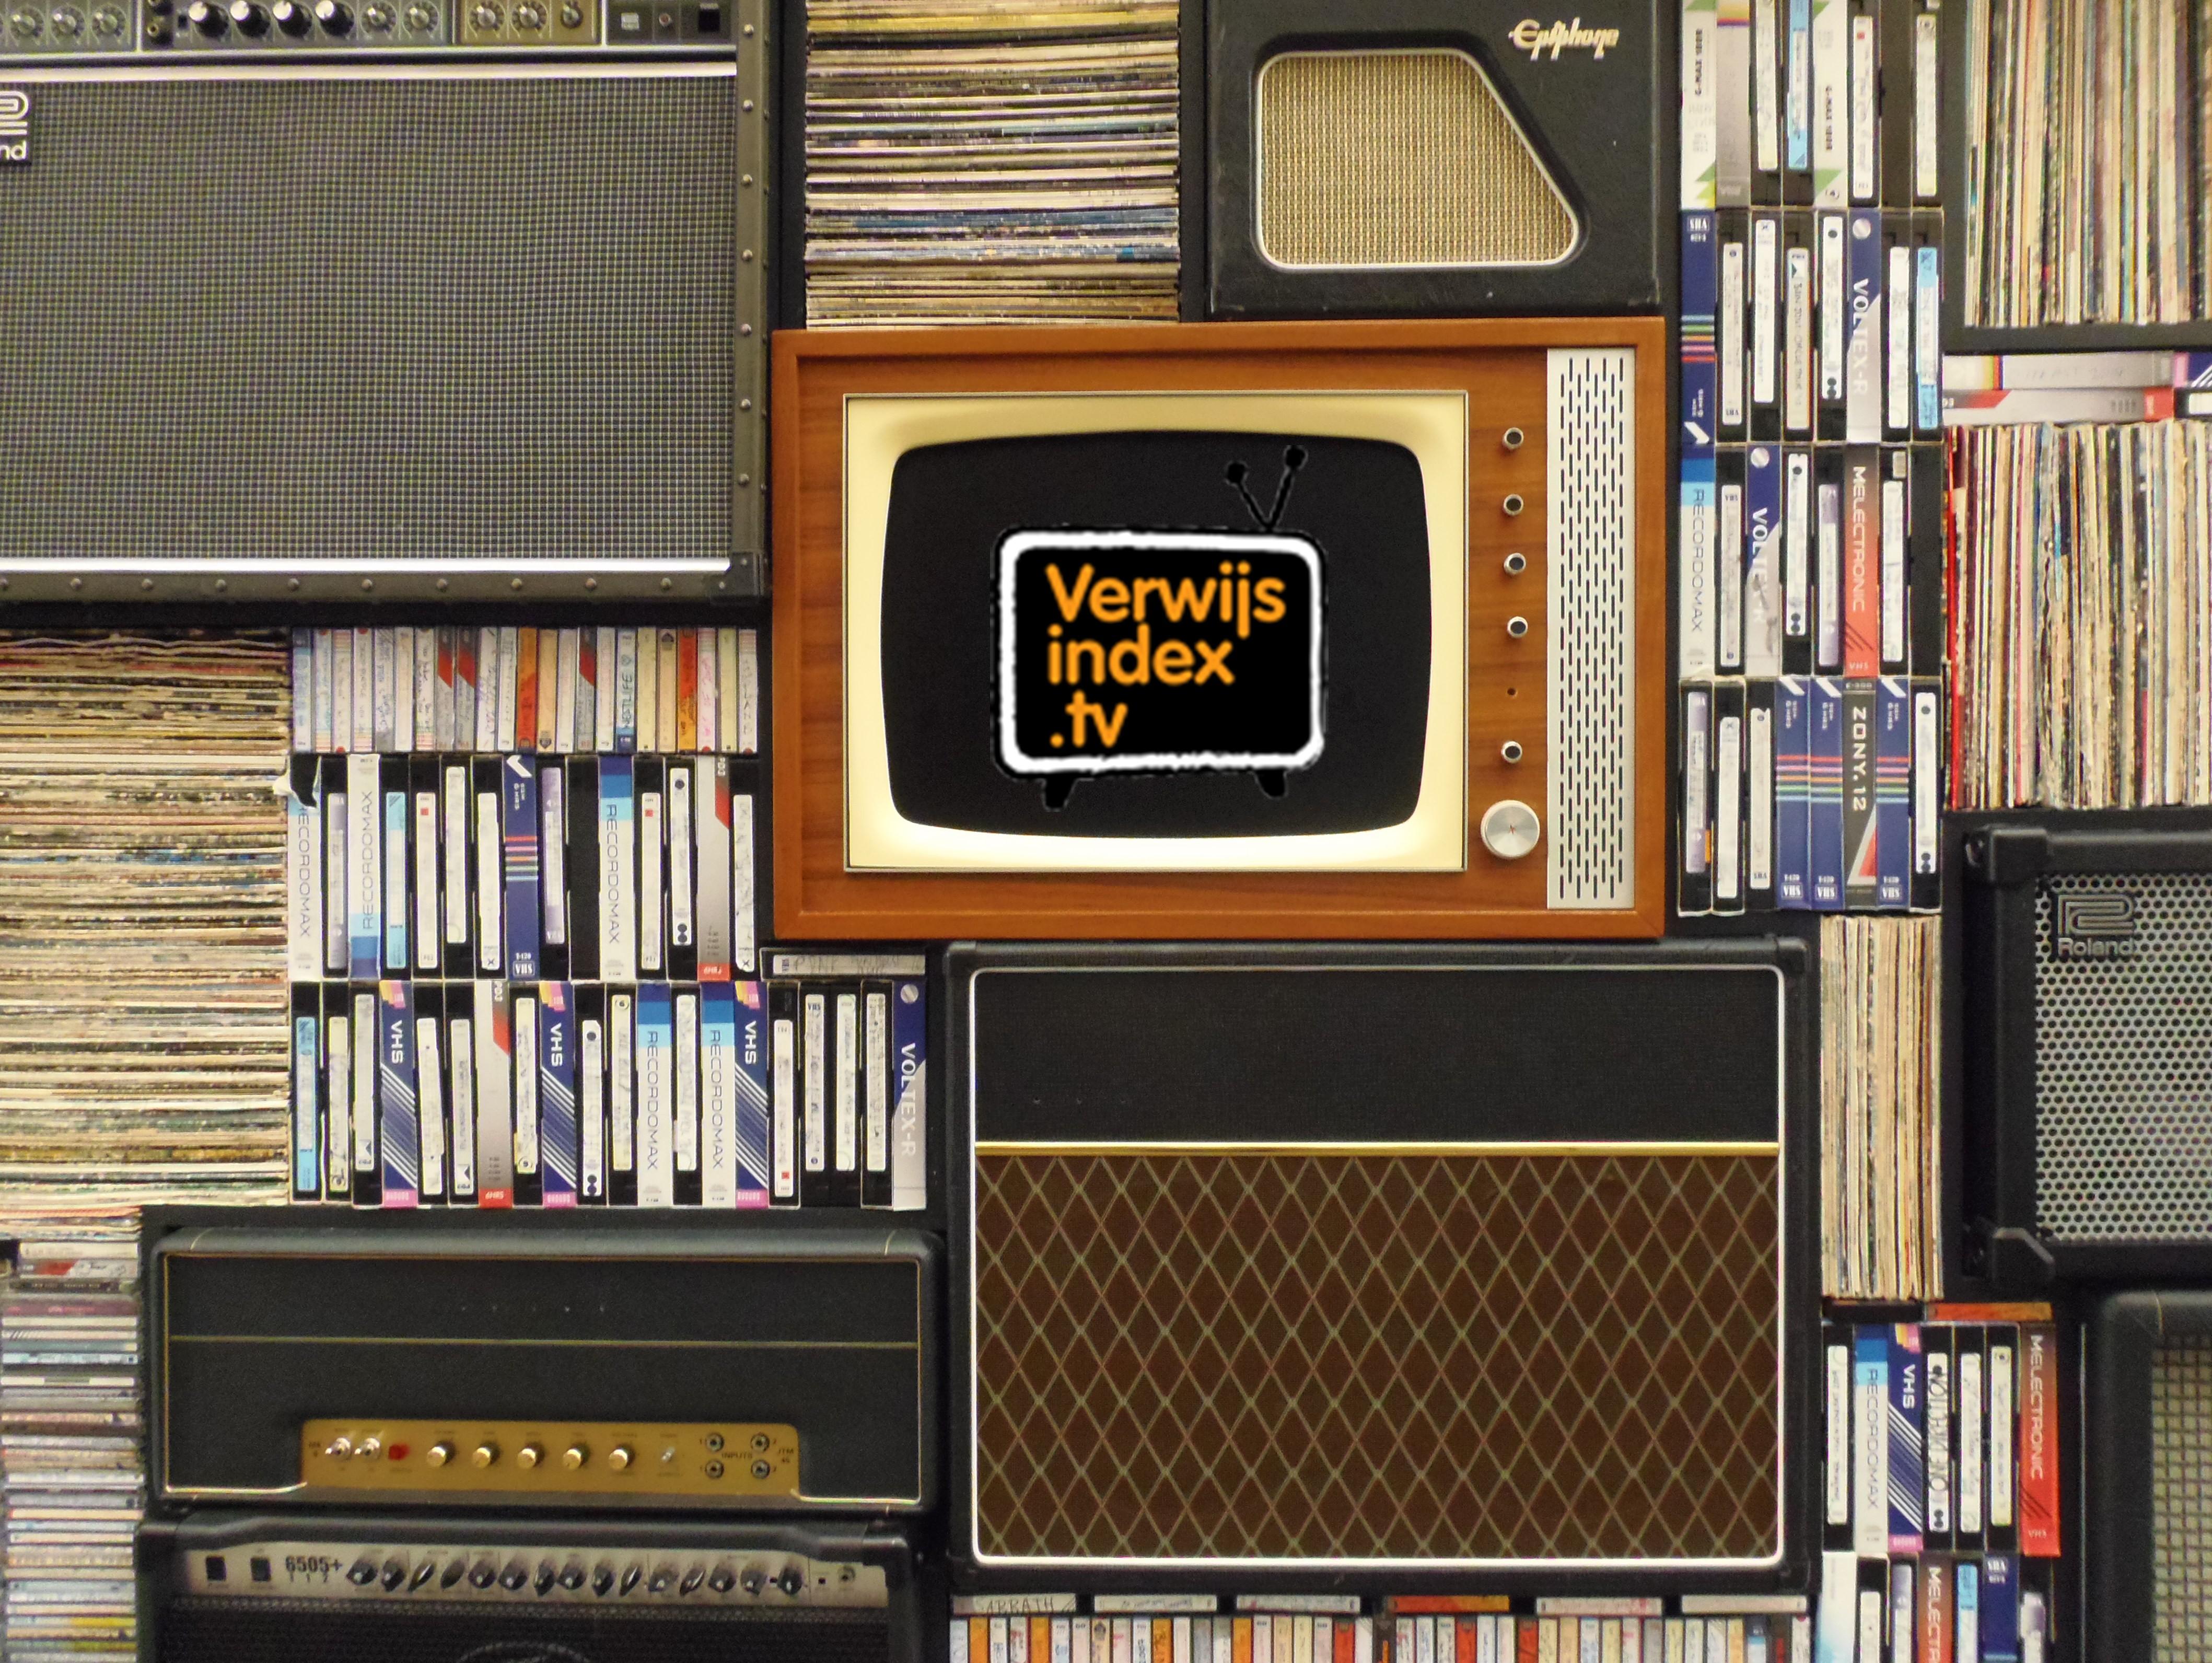 Verwijsindex Eemland gaat gebruik maken van Verwijsindex.tv